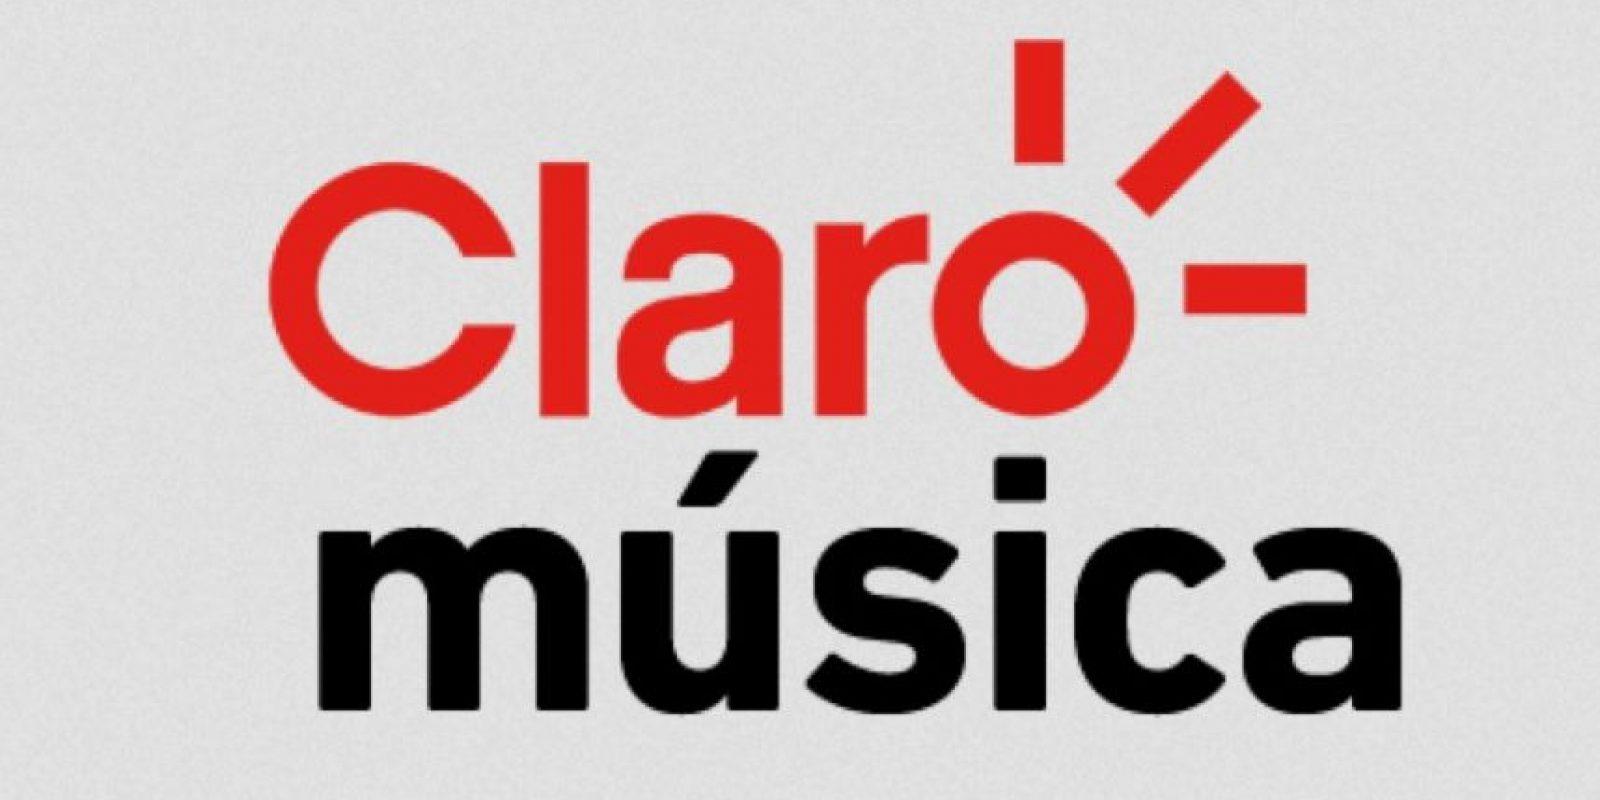 """Claro música inició como """"Ideas Music Store"""" en 2007, ayudó en la evolución de """"Ideasmusik"""" y desde 2014 es """"Claro música"""". Foto:Claro"""